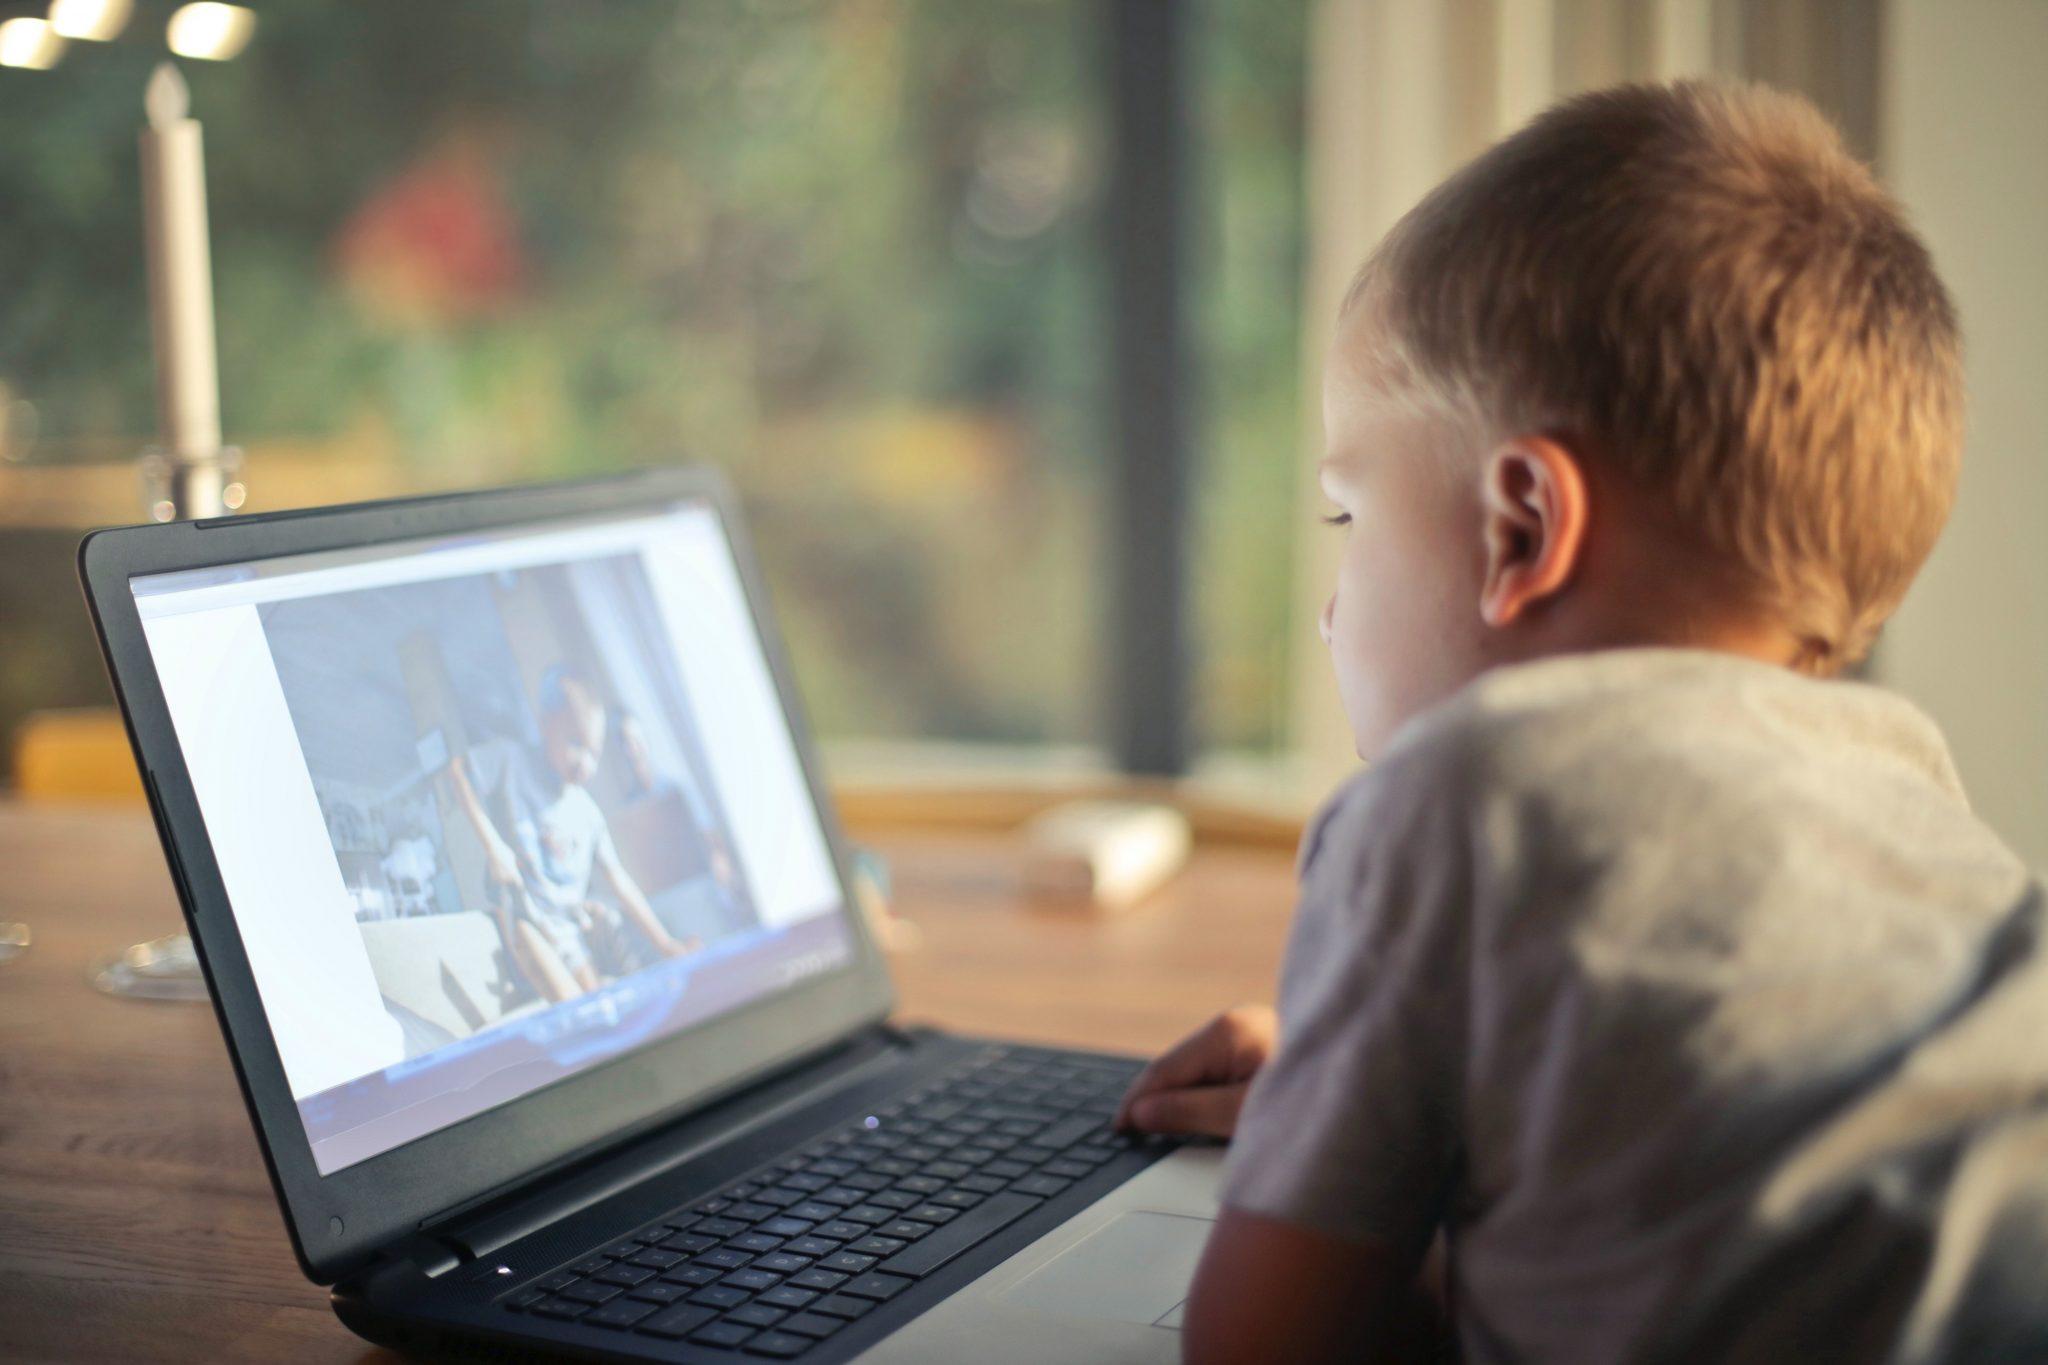 Em imagem, menino navega na internet em seu notebook